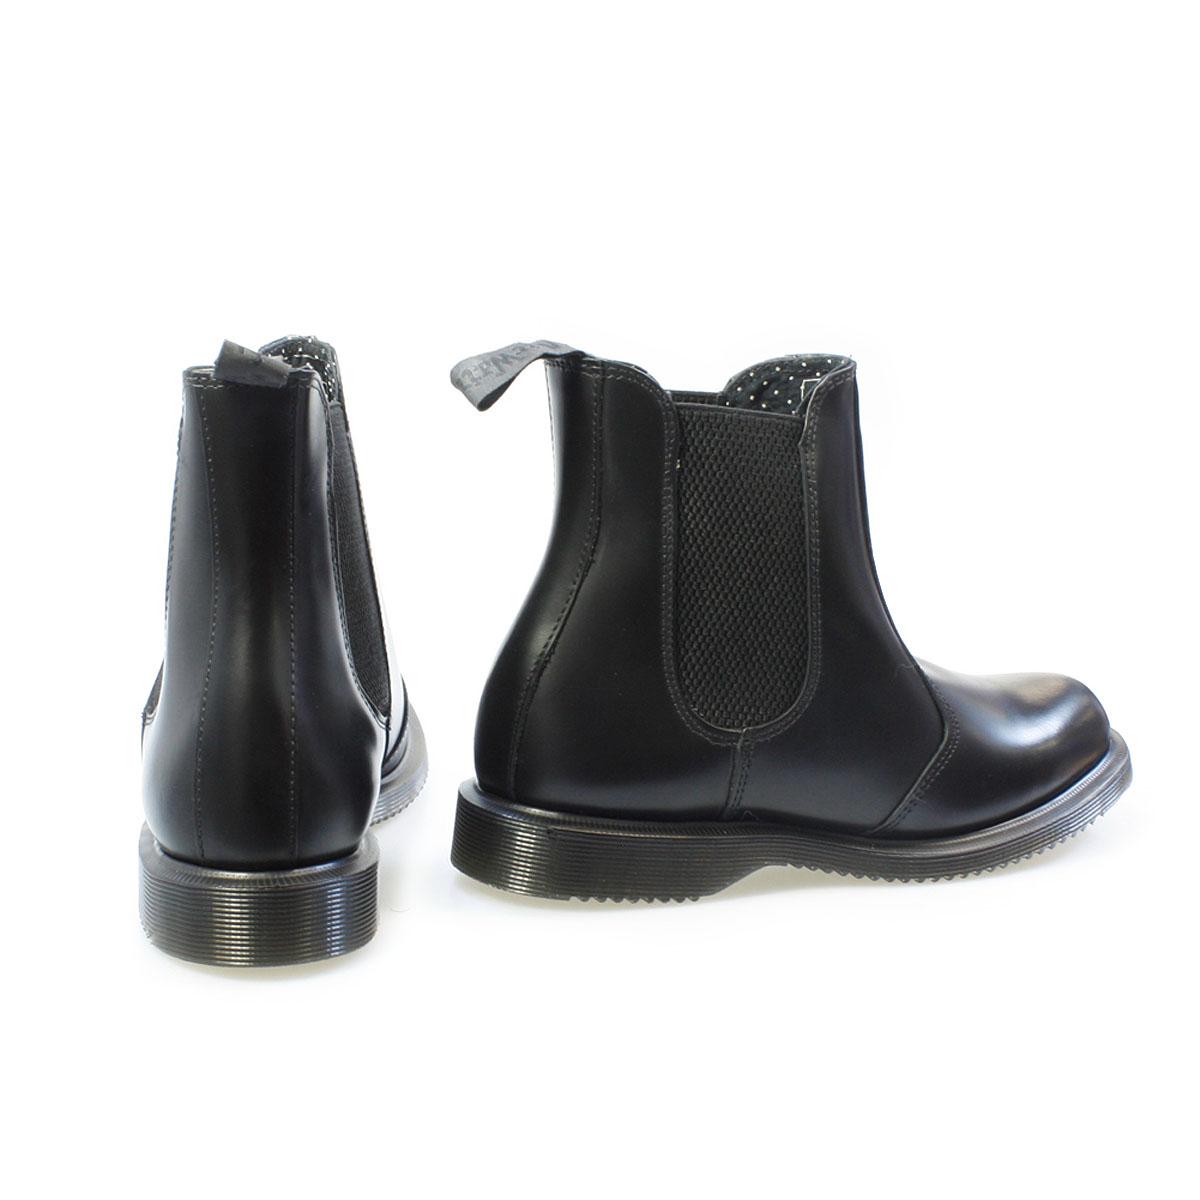 dr martens womens ankle boots black flora polish kensington leather chelsea ebay. Black Bedroom Furniture Sets. Home Design Ideas